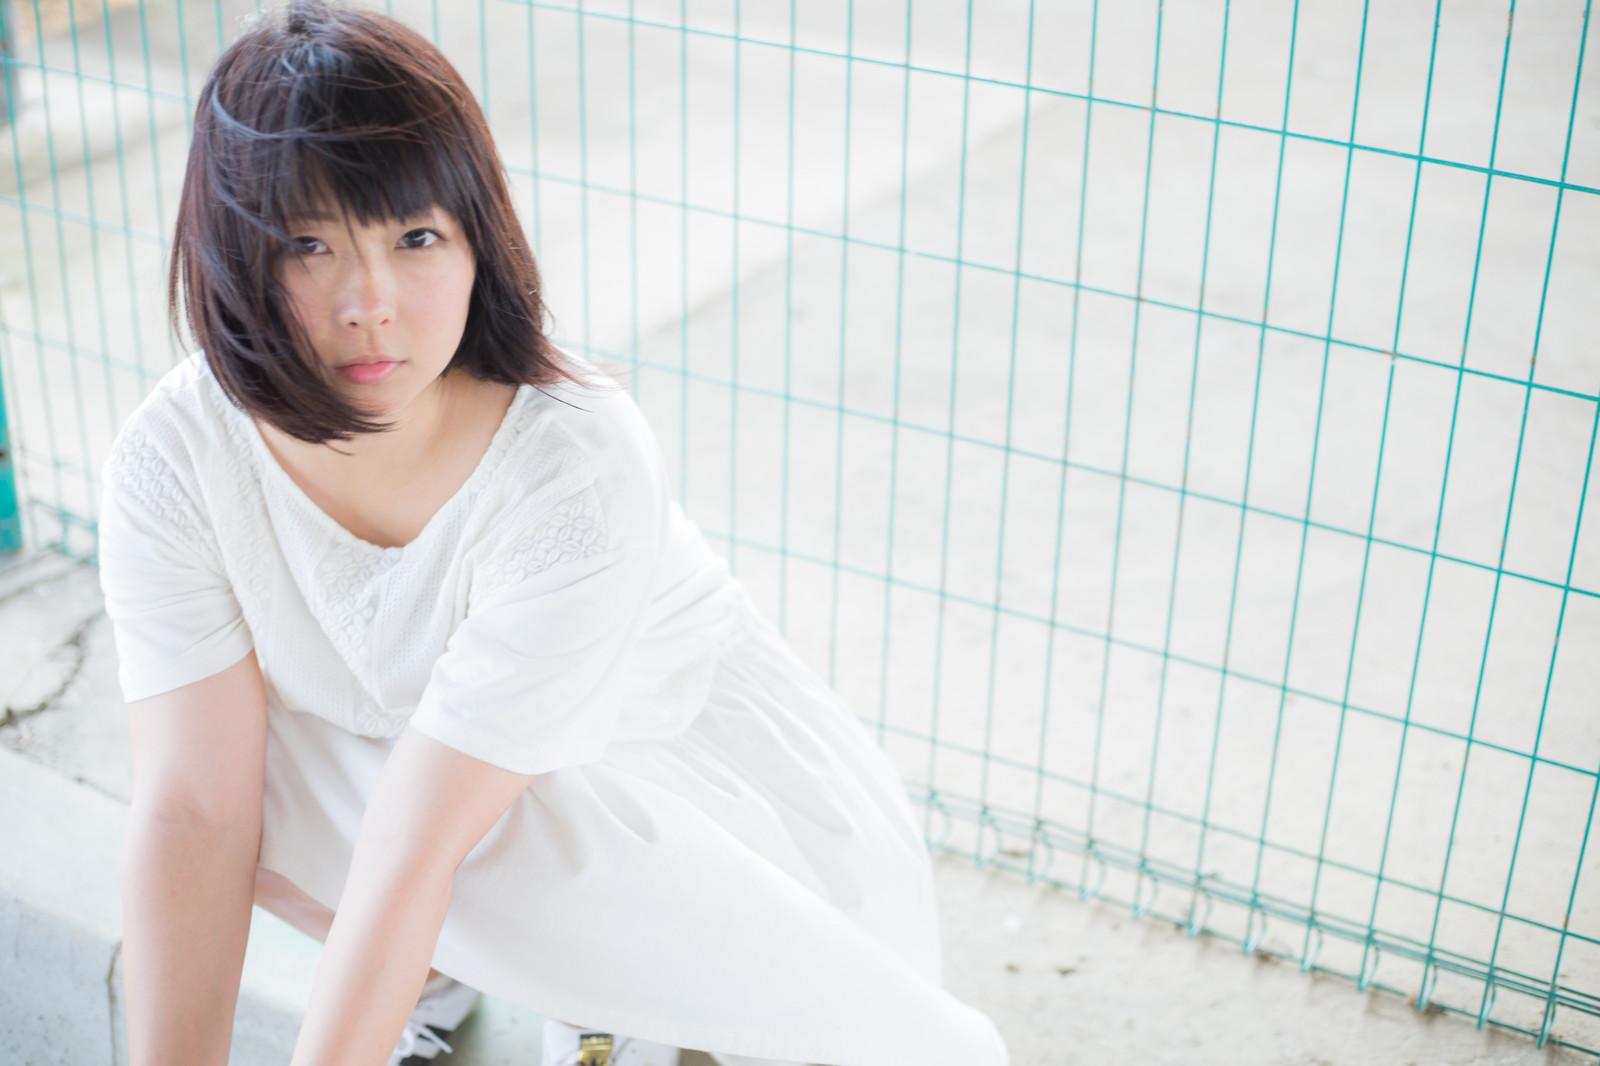 【2021年冬】清楚女子ウケのファッション【キレイめカジュアル】